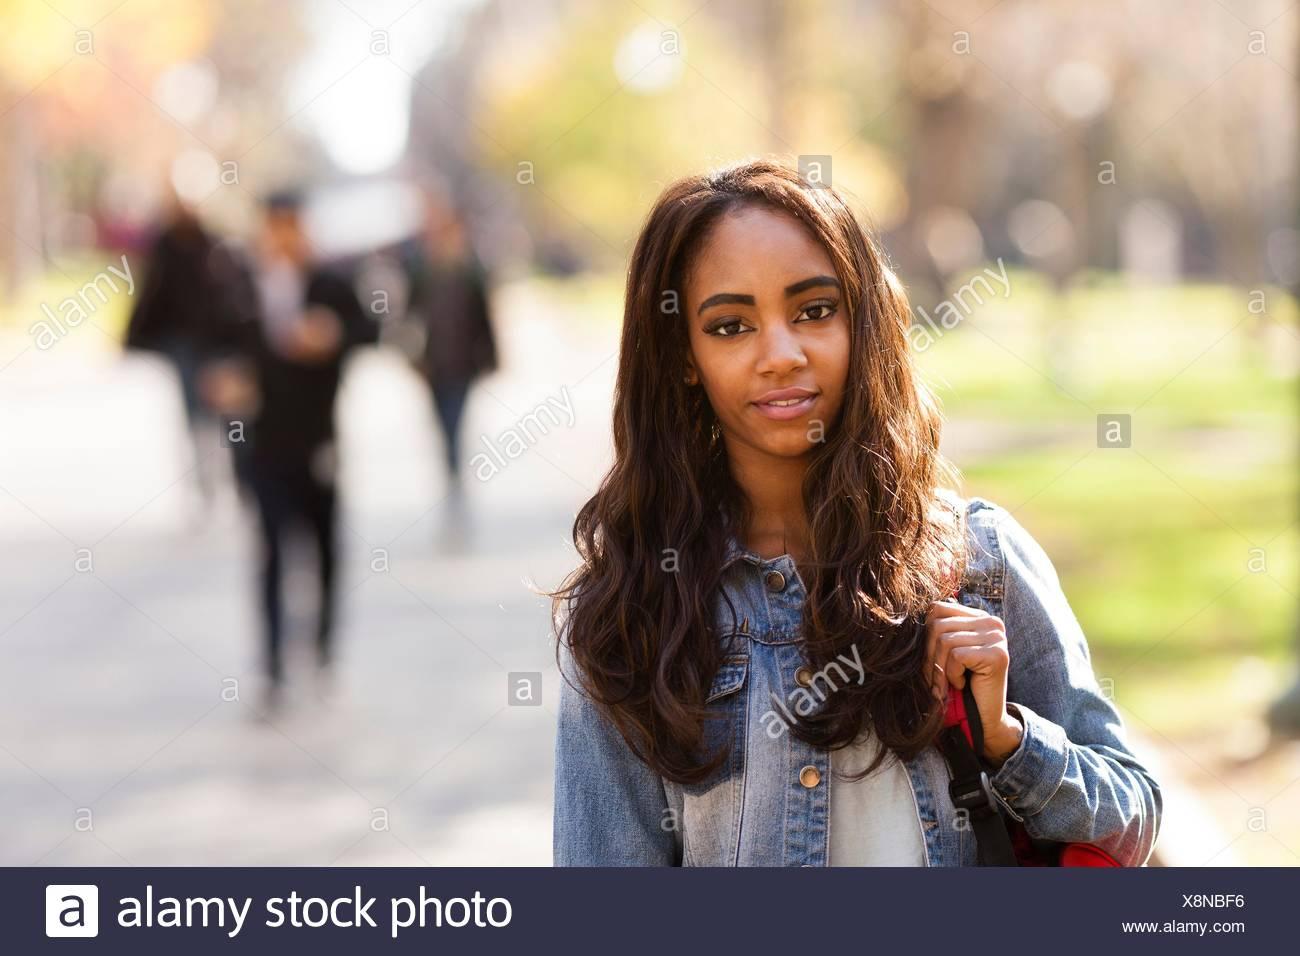 Retrato de mujer joven con largo pelo castaño vistiendo chaqueta denim mirando a la cámara sonriendo Imagen De Stock